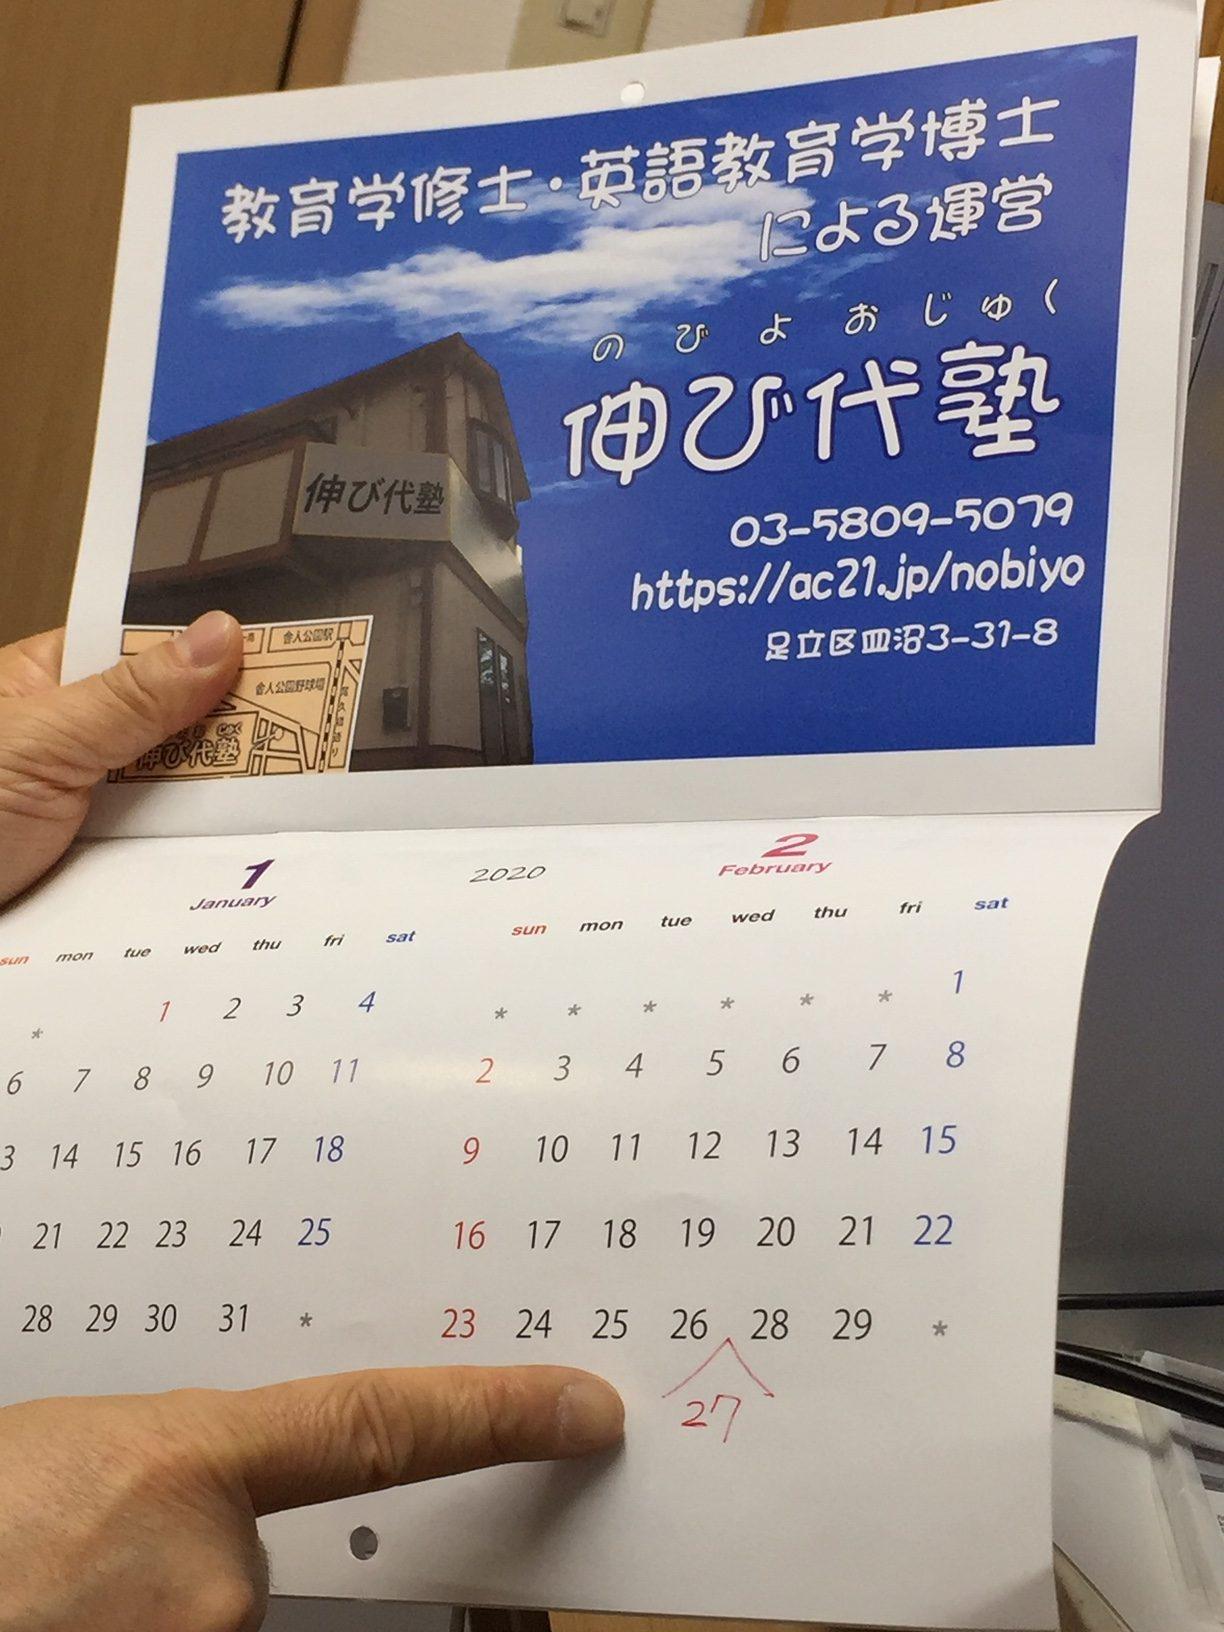 のびよお塾中綴じカレンダー